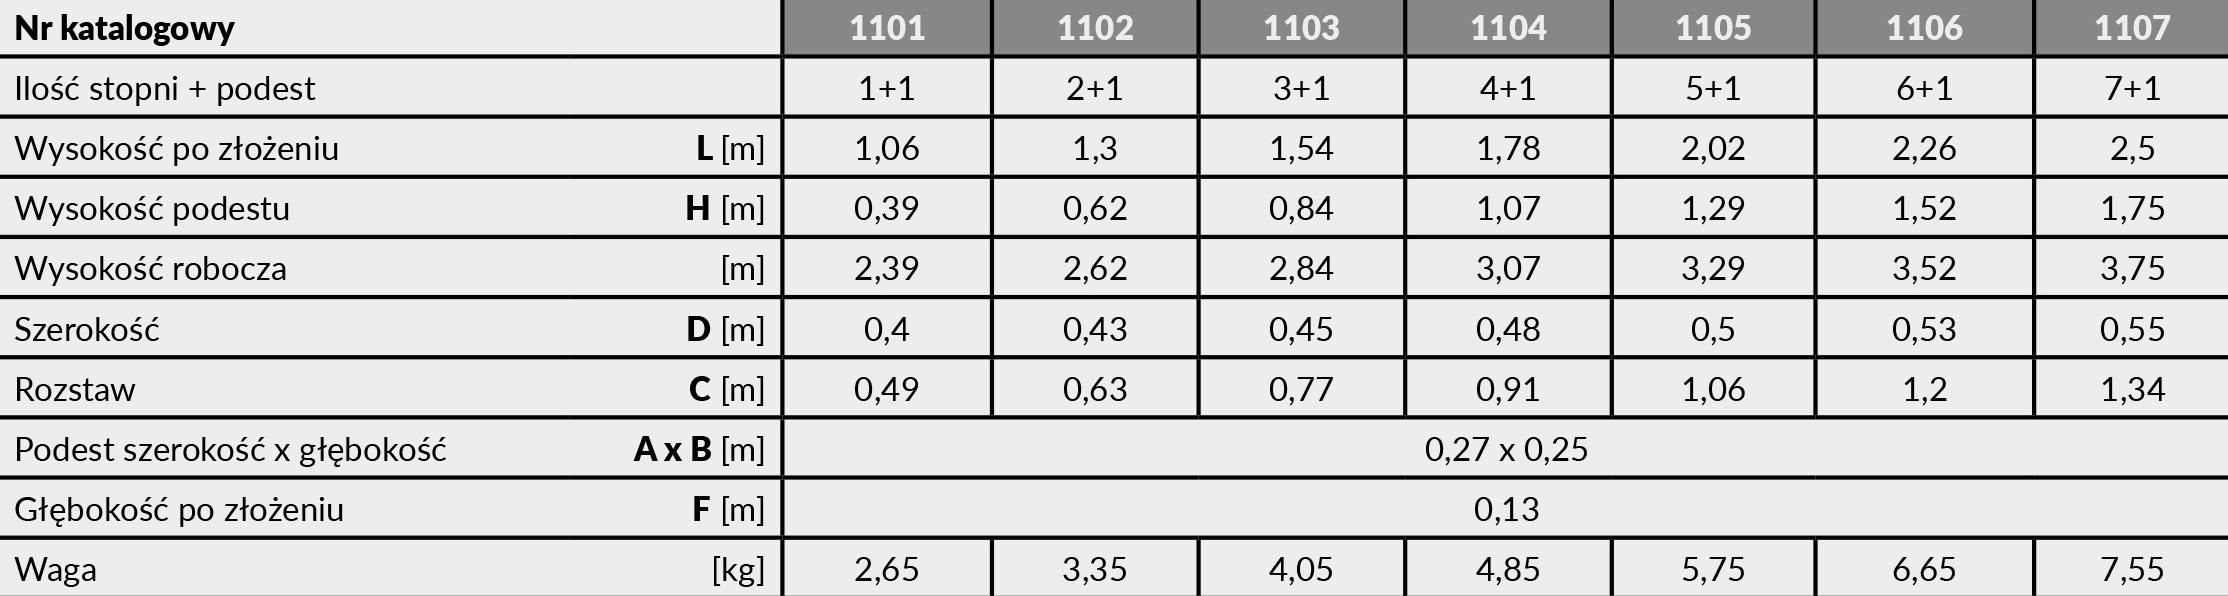 Drabina Drabex tp 1104 4 stopnie 1 podest dane techniczne